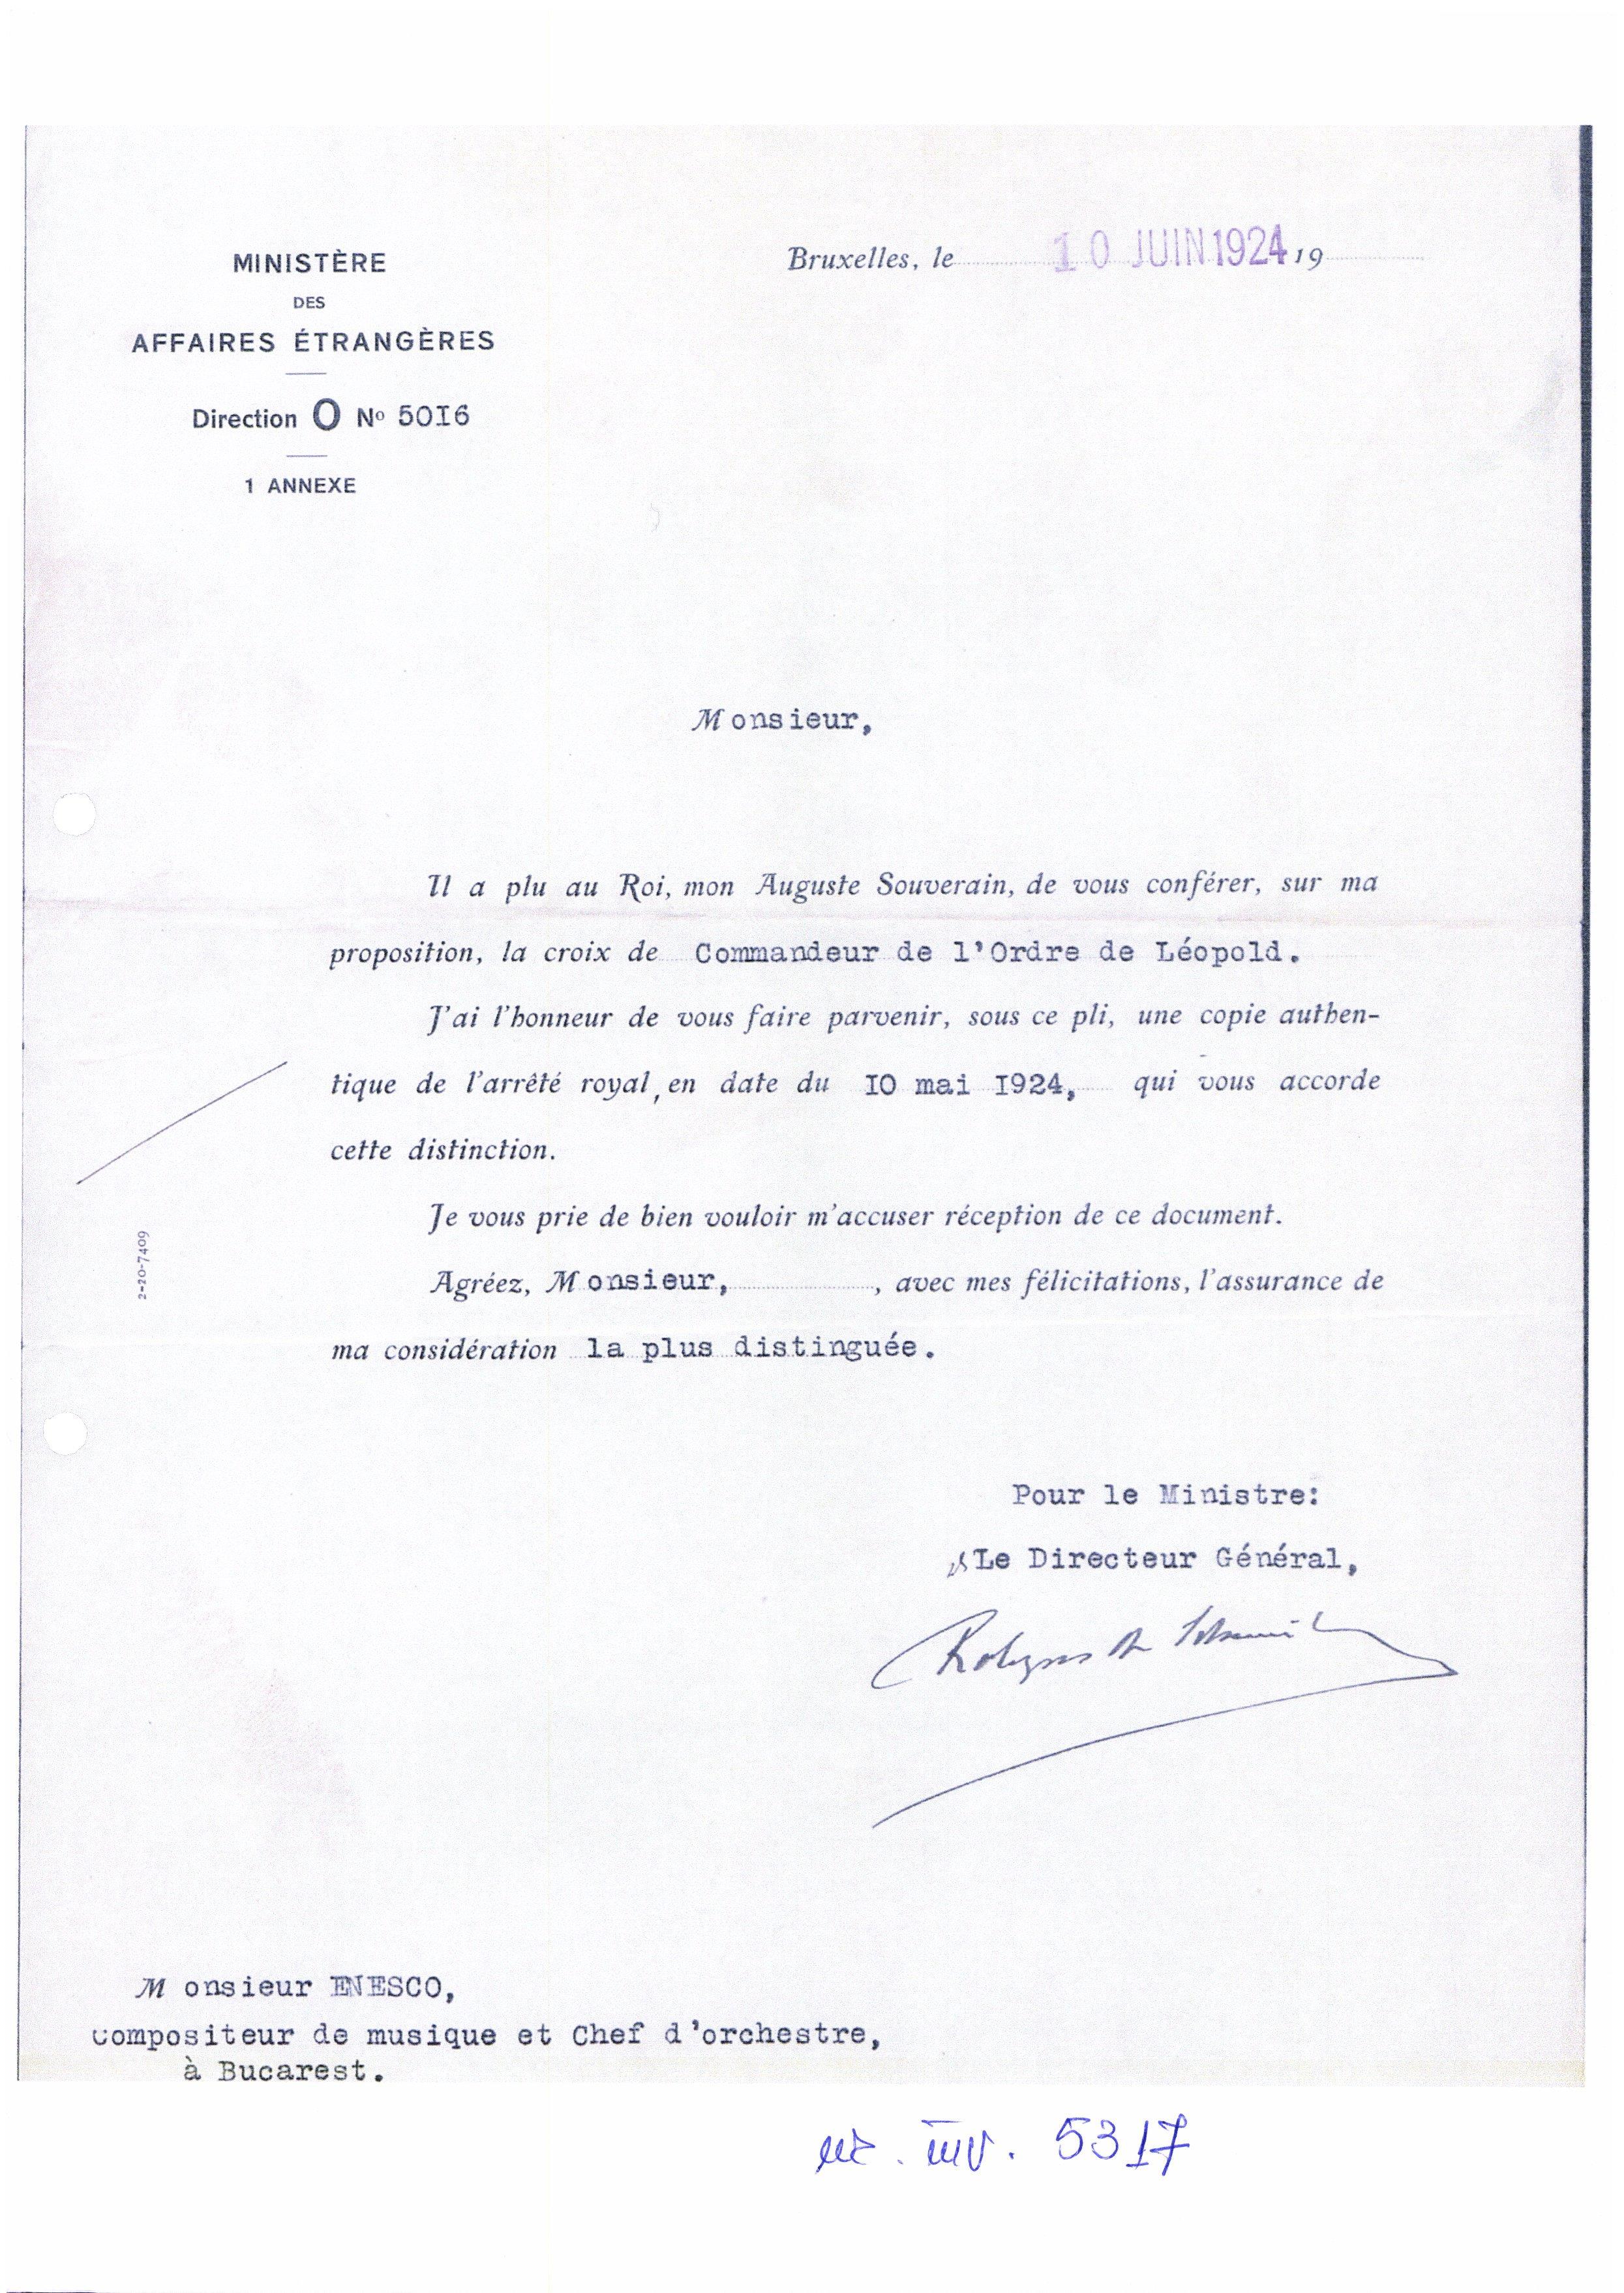 """Scrisoare oficială - Ministerul Afacerilor Externe din Belgia; Scrisoare trimisă de Ministerul Afacerilor Externe din Belgia lui George Enescu, căruia i-a fost expediată o copie autentică a Decretului Regal din 10 mai 1924 de conferire a  distincţiei """"Crucea de Commandor al Ordinului Leopold al Belgiei"""" - Muzeul Naţional """"George Enescu"""" - BUCUREŞTI (Patrimoniul Cultural National Mobil din Romania. Ordin de clasare: 2084/15.02.2018 - Fond)"""